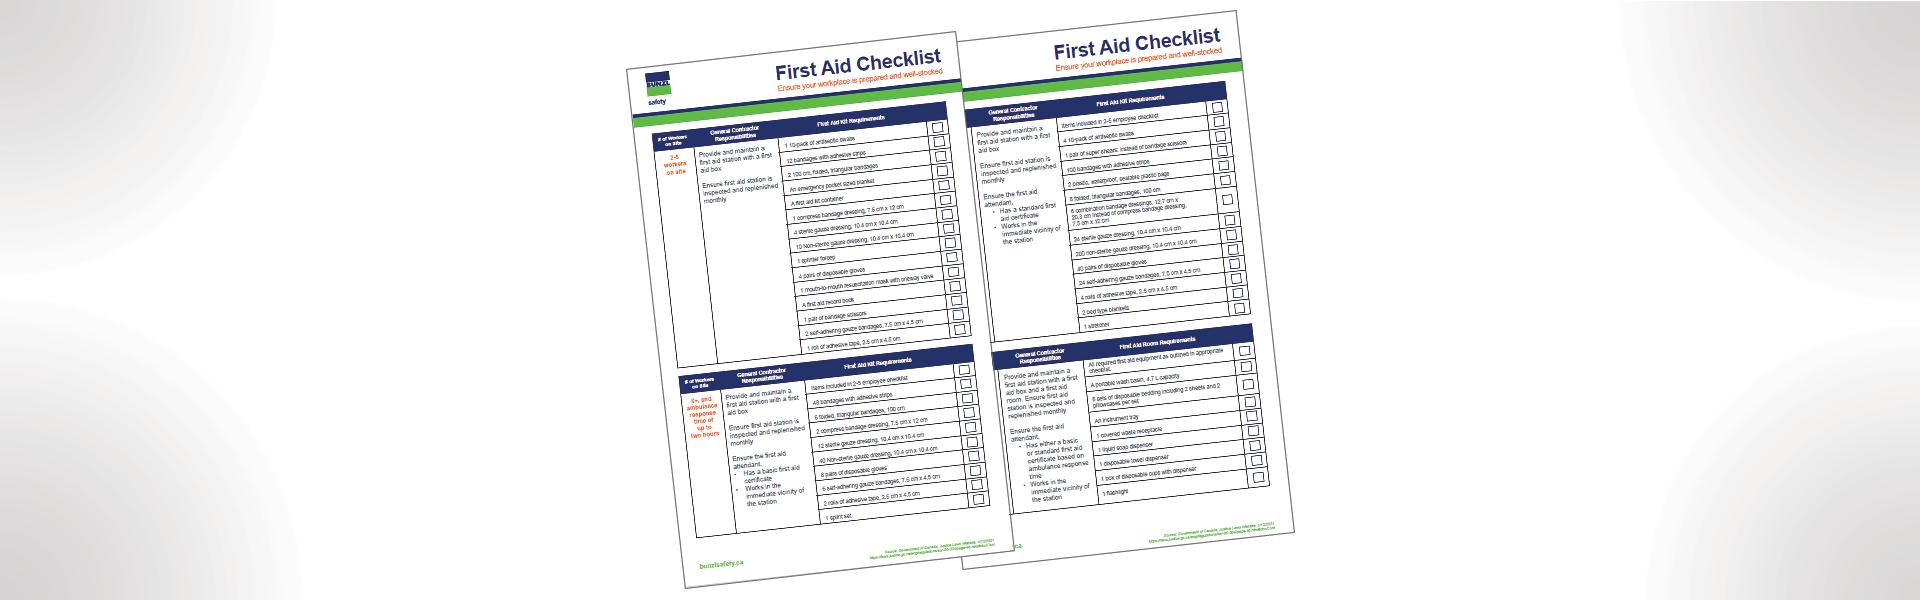 Une image du document de la liste de contrôle des premiers soins de Bunzl Safety Canada.